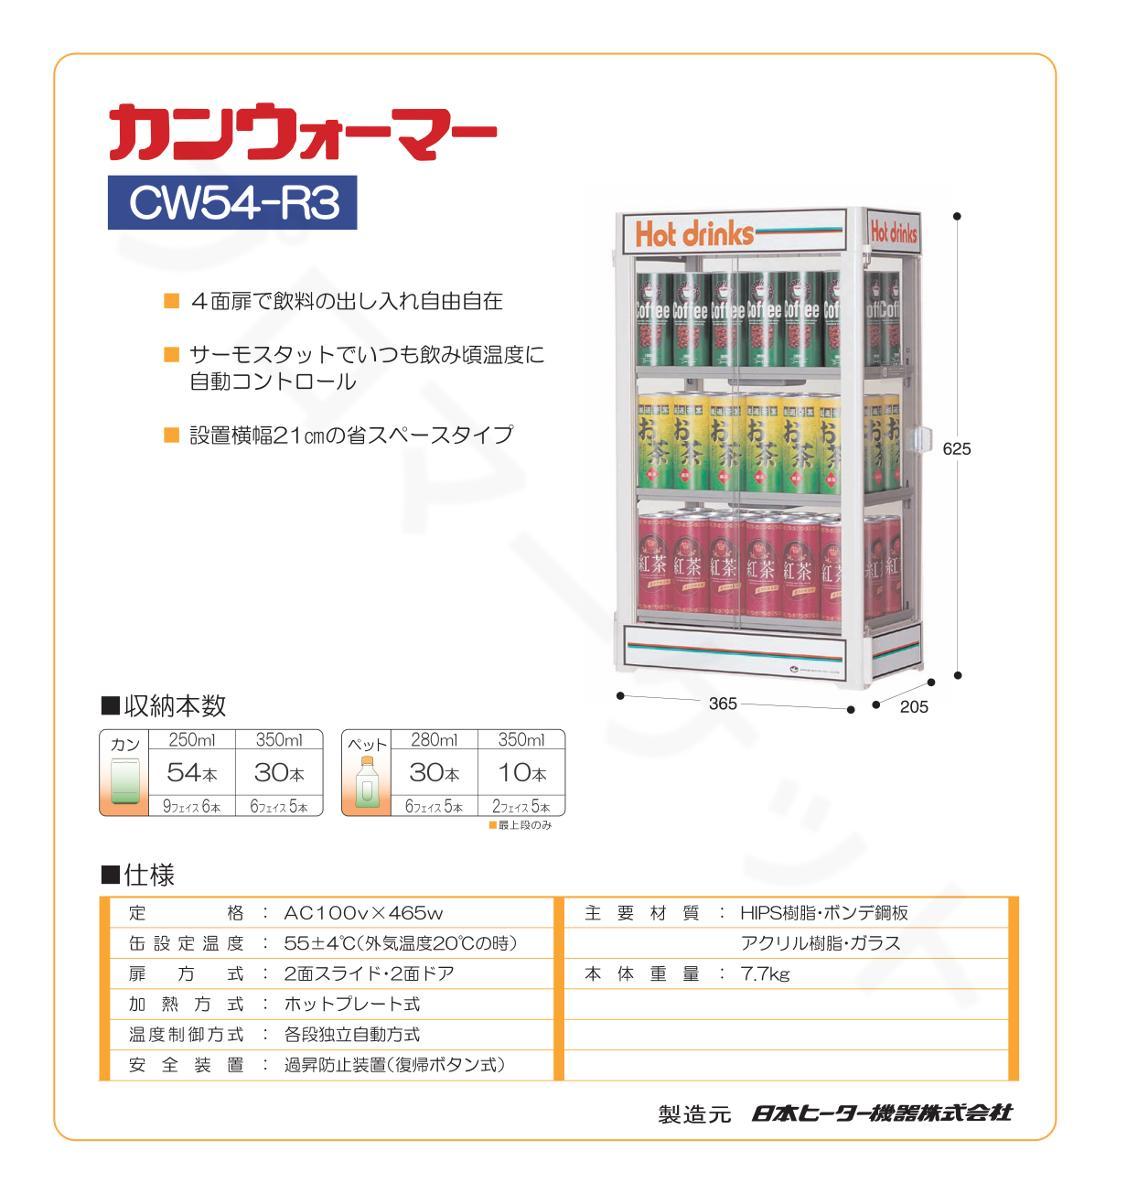 cw54-r3